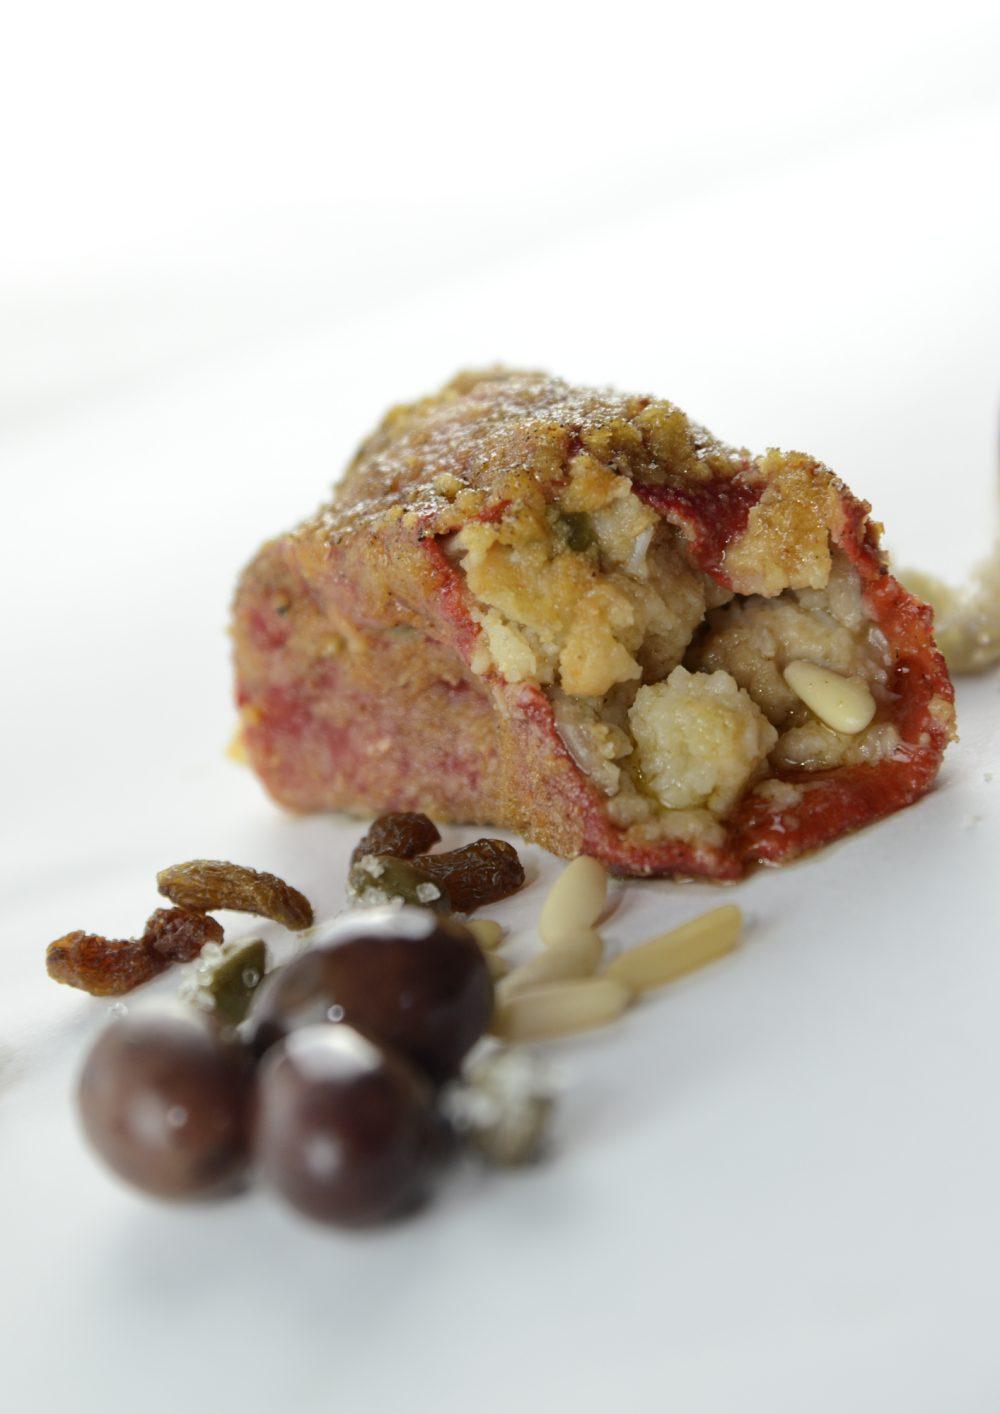 Peperone Ripieno - Ph Pellino Vincenzo - Locanda del Baccala a - Marcianise